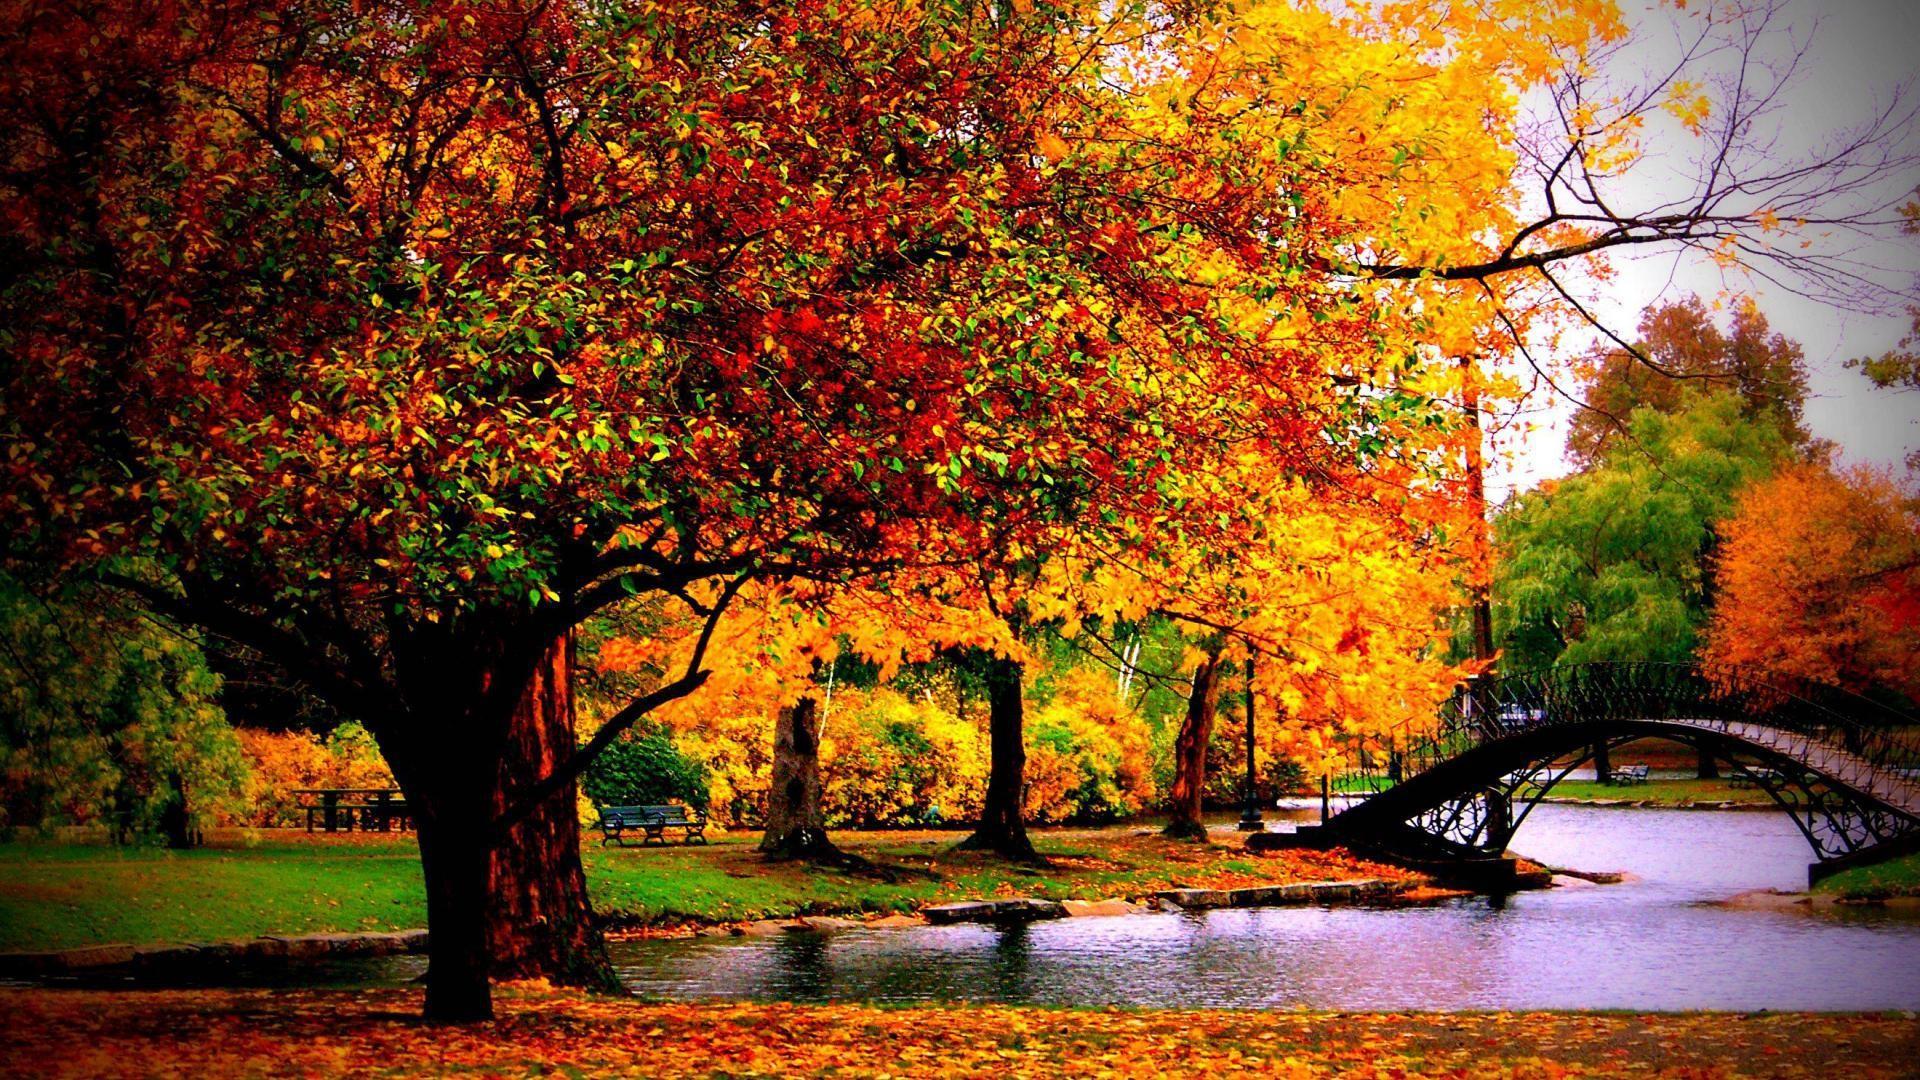 fall autumn wallpaper ·①